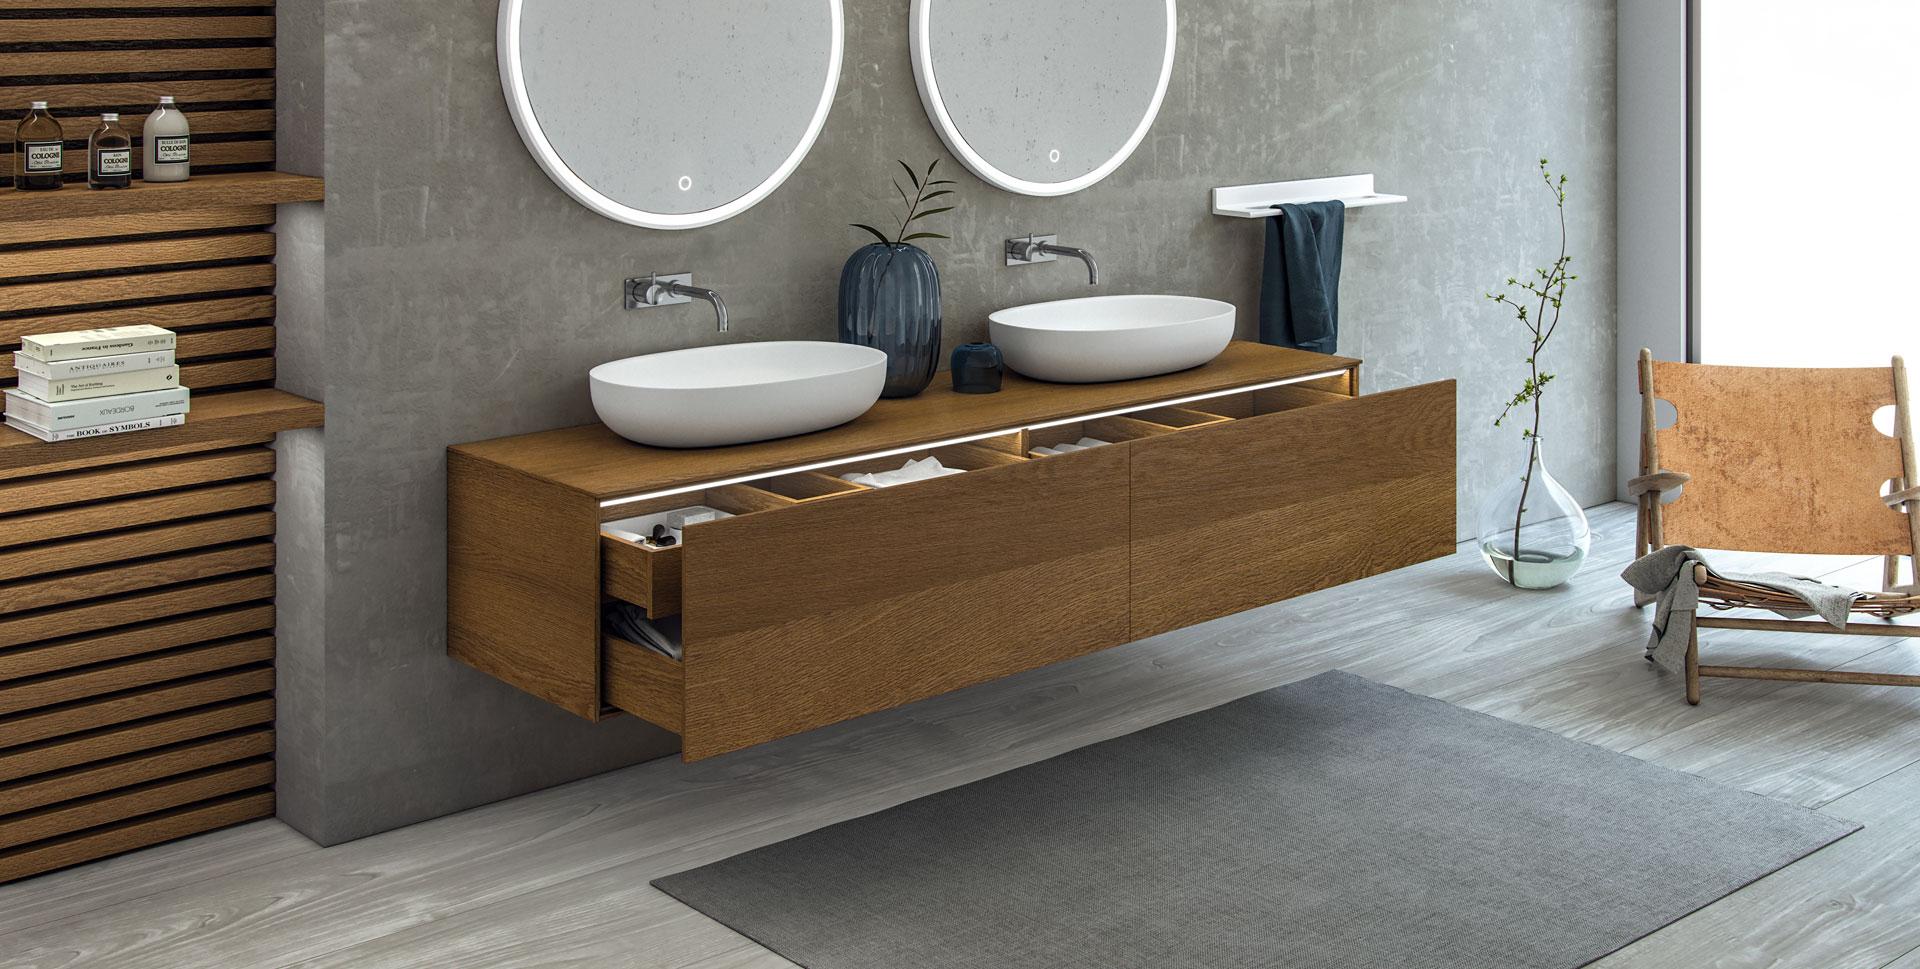 Rask Badeværelsesmøbler i moderne stil i massiv komposit - Copenhagen Bath OT-01